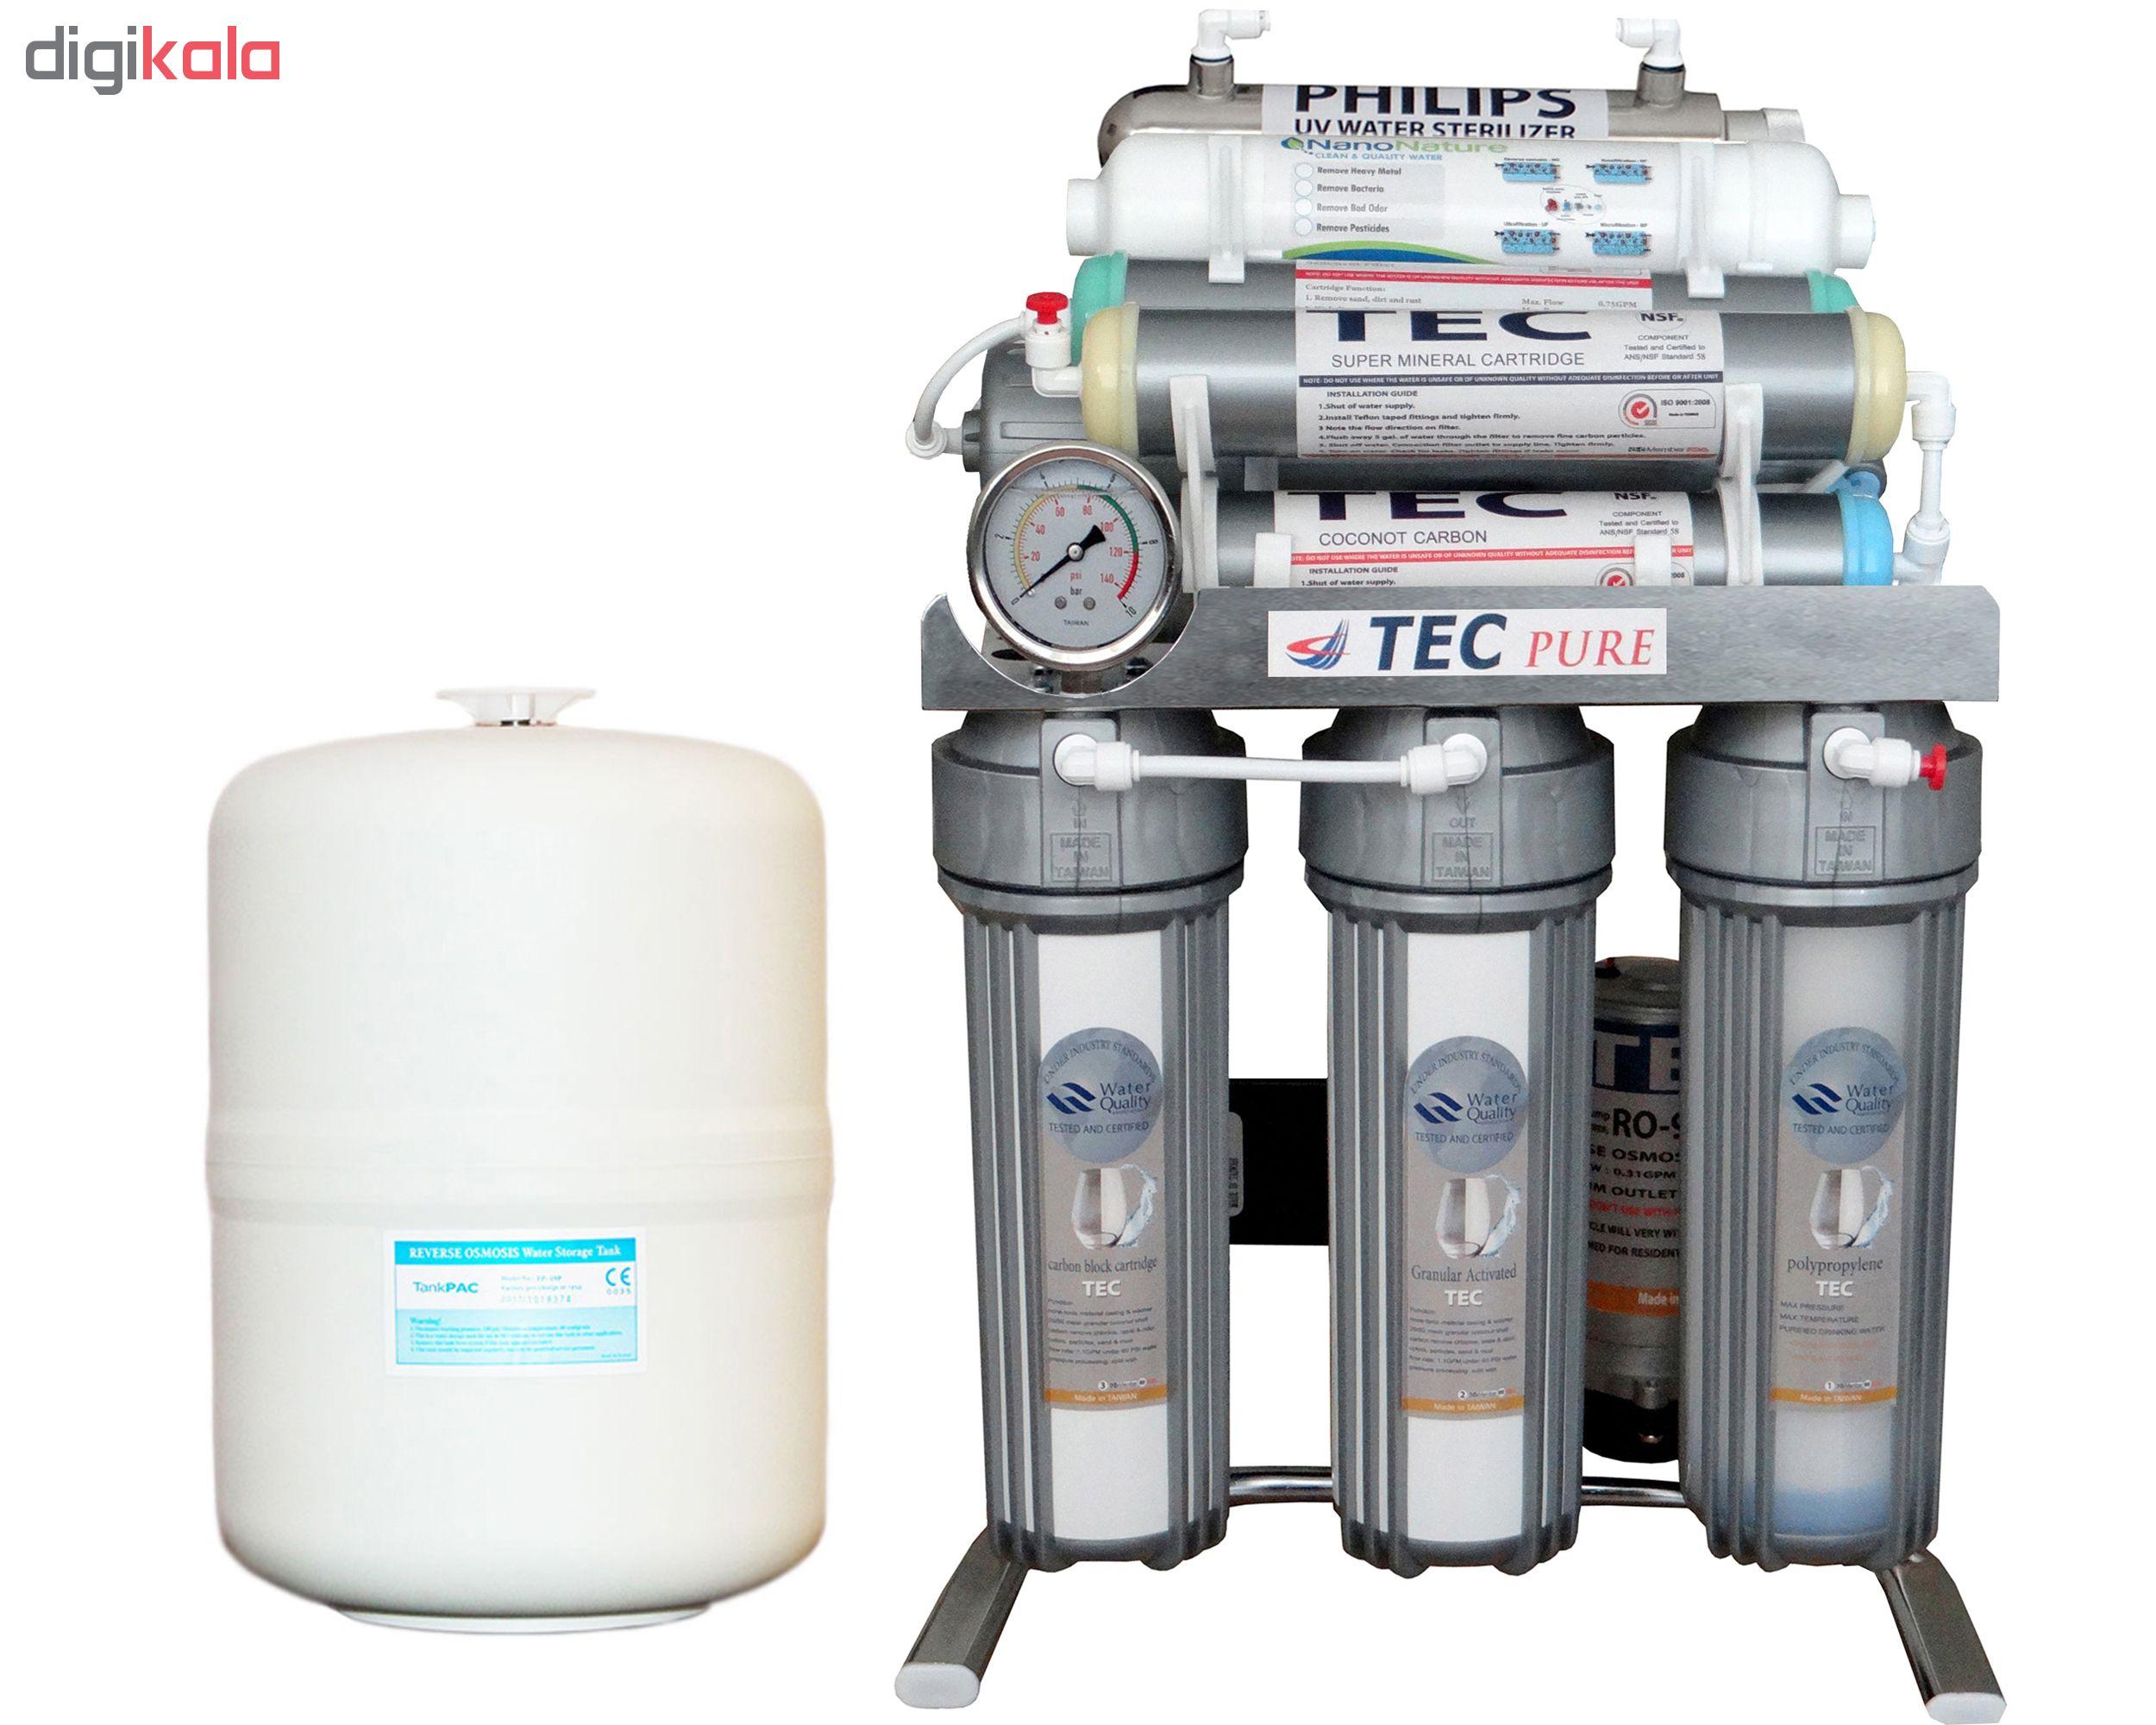 دستگاه تصفیه کننده آب خانگی تک مدل CHROME2019-XT8600